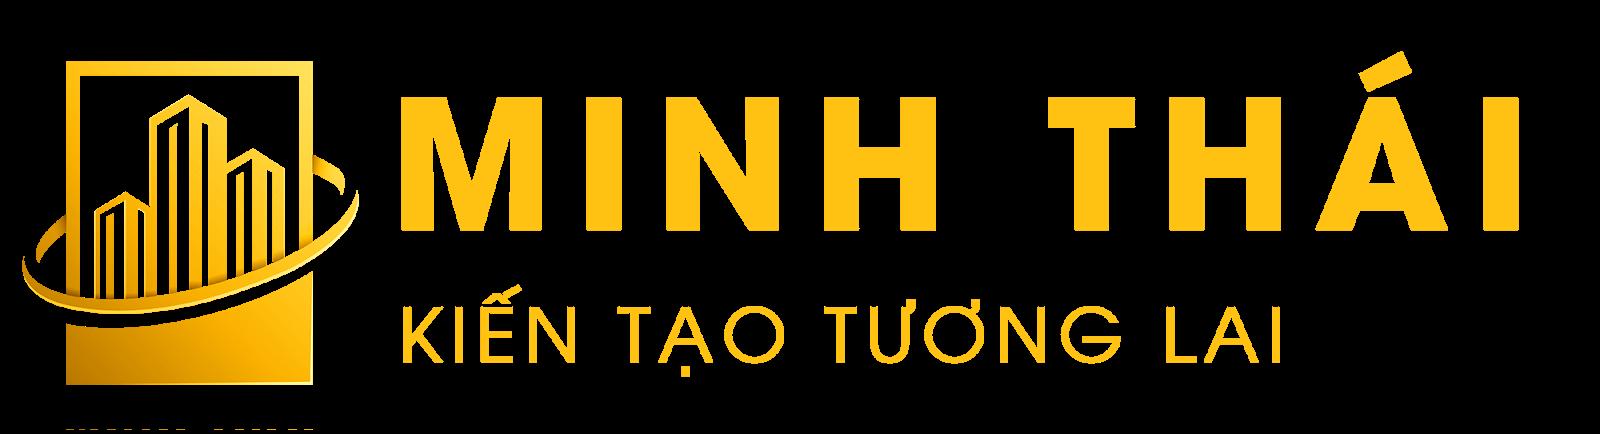 Tin Tức - Minh Thái Land